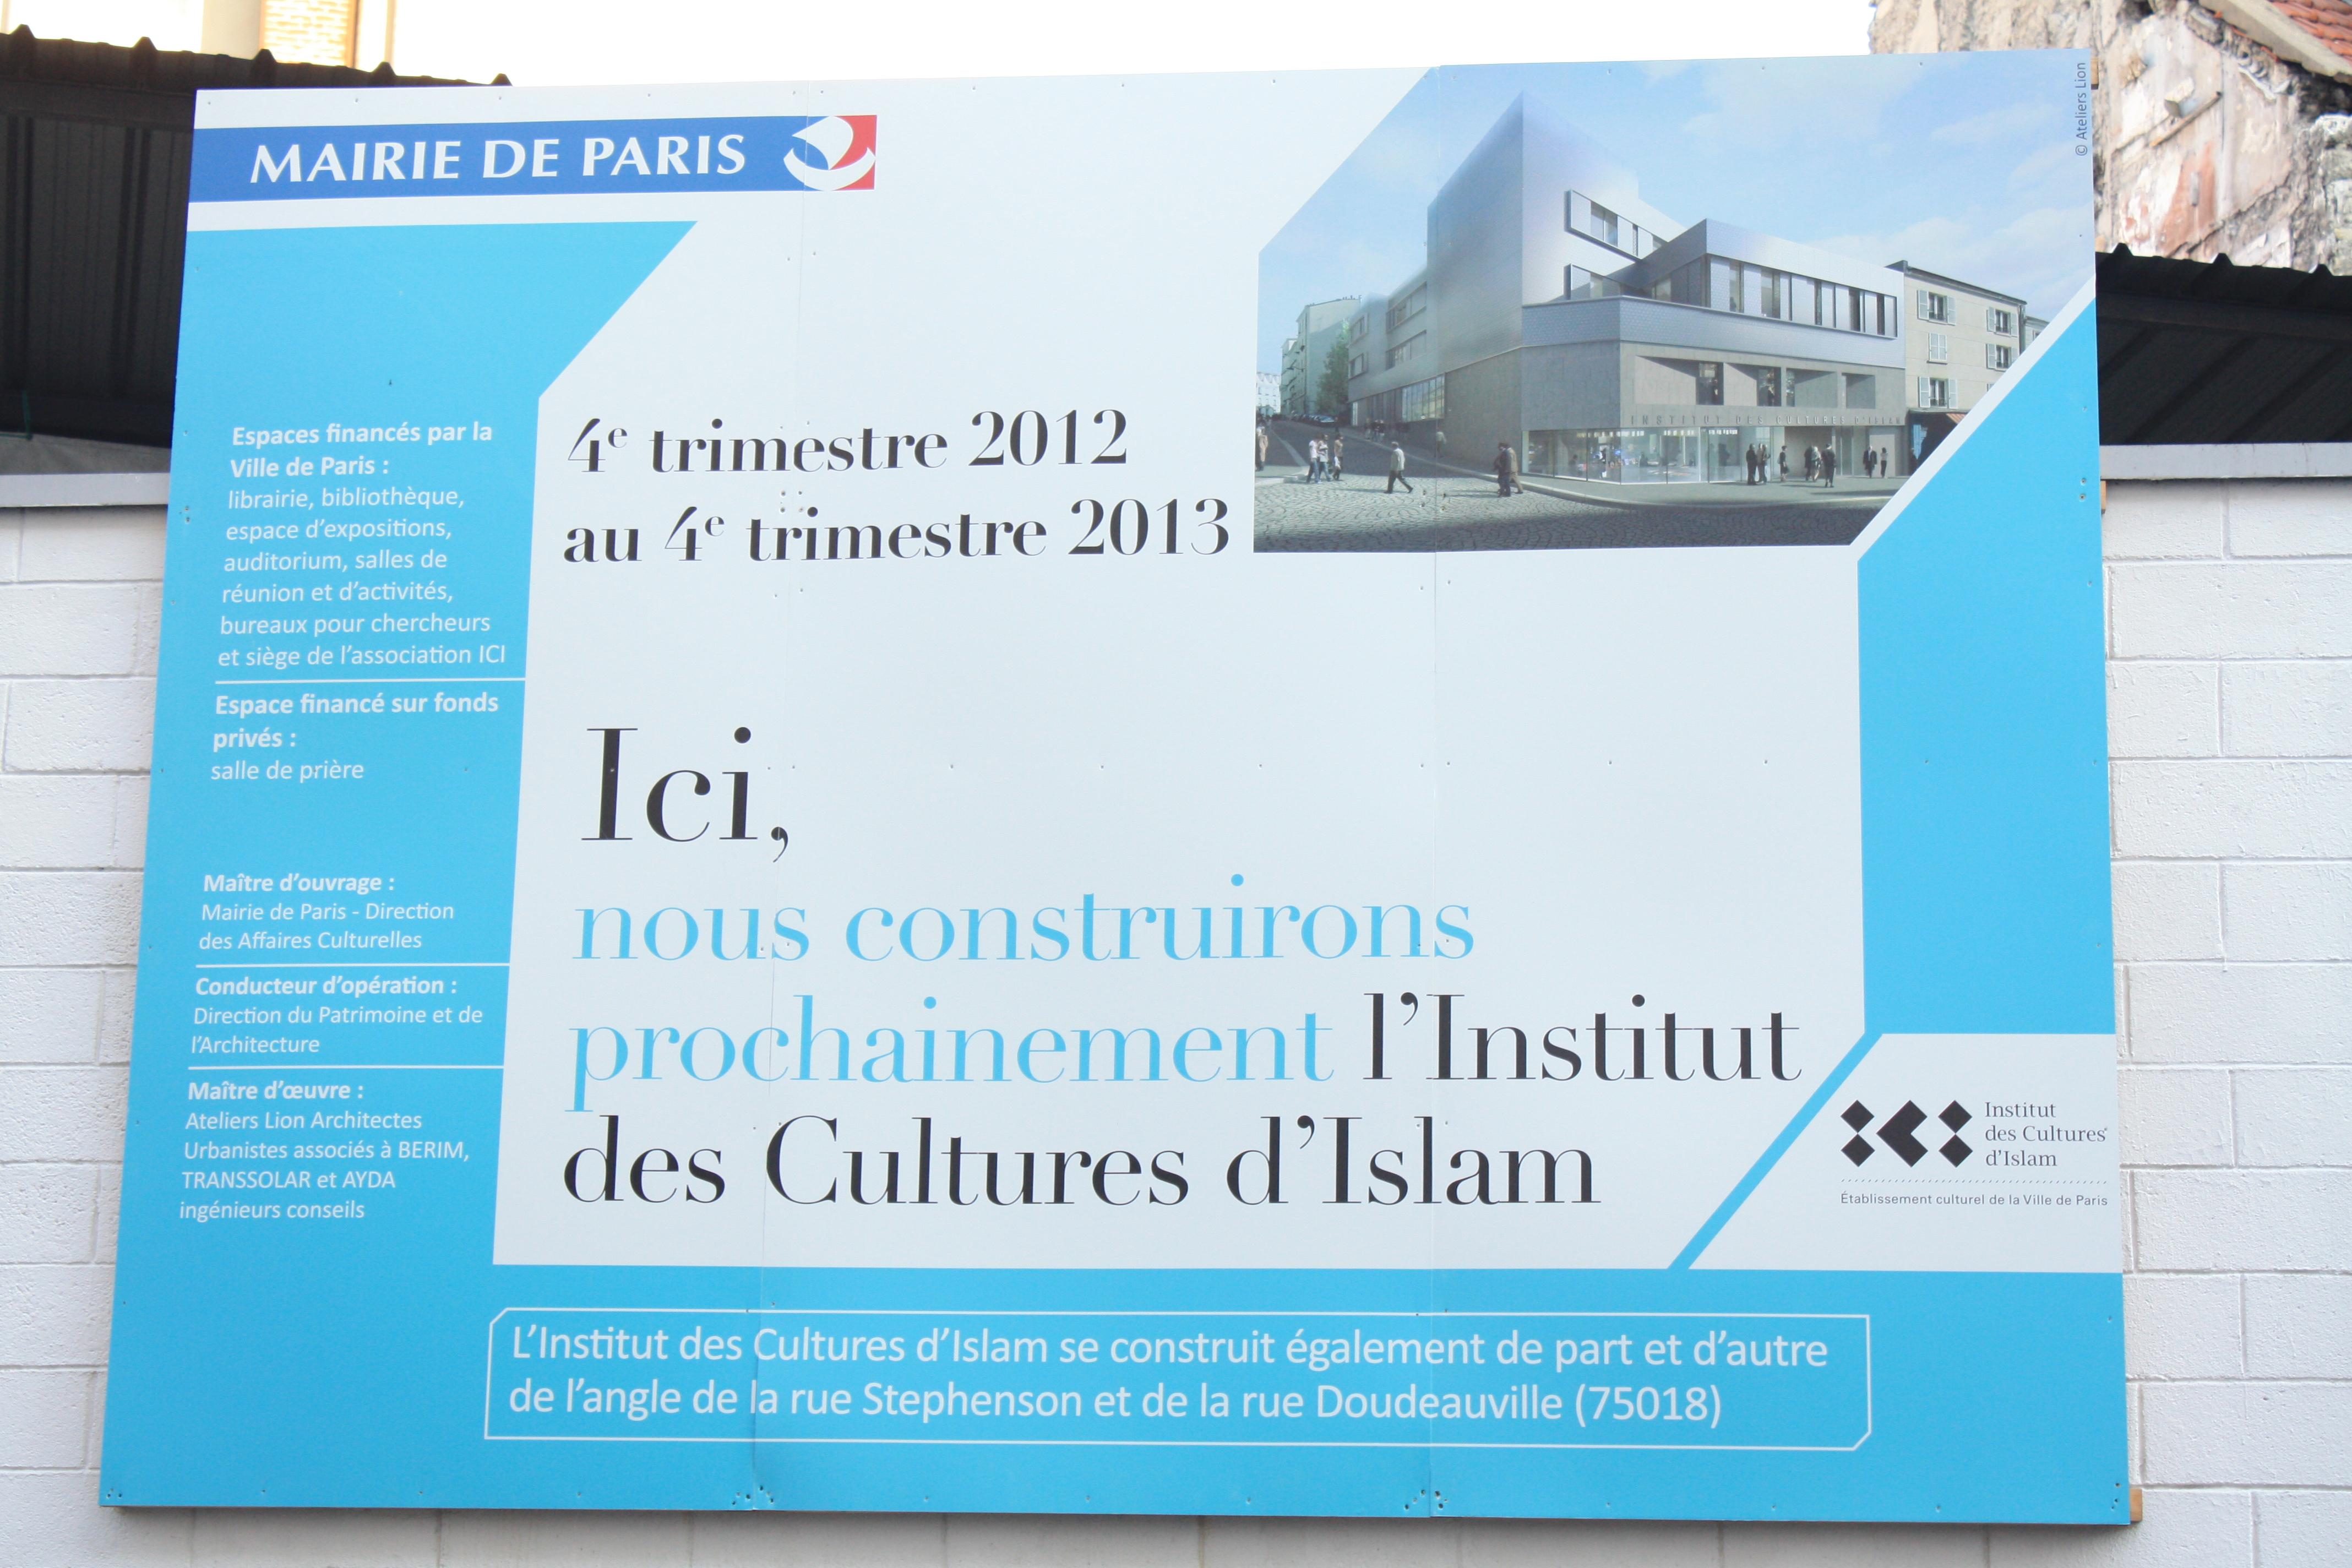 Perkembangan Islam Di Perancis Sampaikan Walau Hanya Satu Ayat